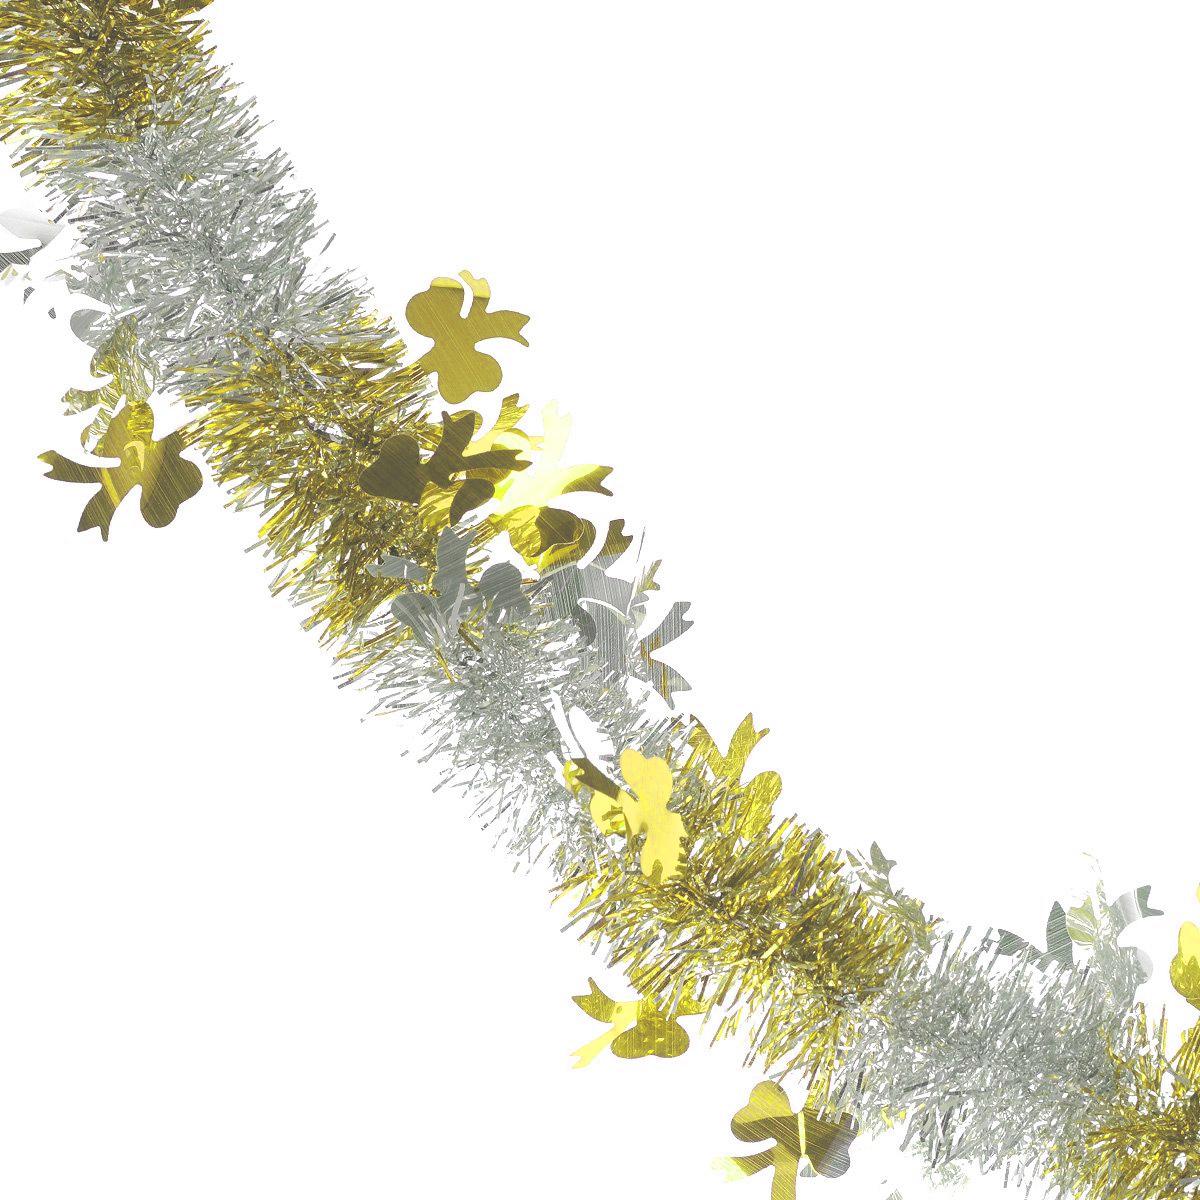 Мишура новогодняя Sima-land, цвет: серебристый, золотистый, диаметр 5 см, длина 200 см. 702605NLED-454-9W-BKМишура новогодняя Sima-land, выполненная из двухцветной фольги, поможет вам украсить свой дом к предстоящим праздникам. Мишура армирована, то есть имеет проволоку внутри и способна сохранять приданную ей форму.Новогодняя елка с таким украшением станет еще наряднее. Новогодней мишурой можно украсить все, что угодно - елку, квартиру, дачу, офис - как внутри, так и снаружи. Можно сложить новогодние поздравления, буквы и цифры, мишурой можно украсить и дополнить гирлянды, можно выделить дверные колонны, оплести дверные проемы. Коллекция декоративных украшений из серии Зимнее волшебство принесет в ваш дом ни с чем несравнимое ощущение праздника! Создайте в своем доме атмосферу тепла, веселья и радости, украшая его всей семьей.